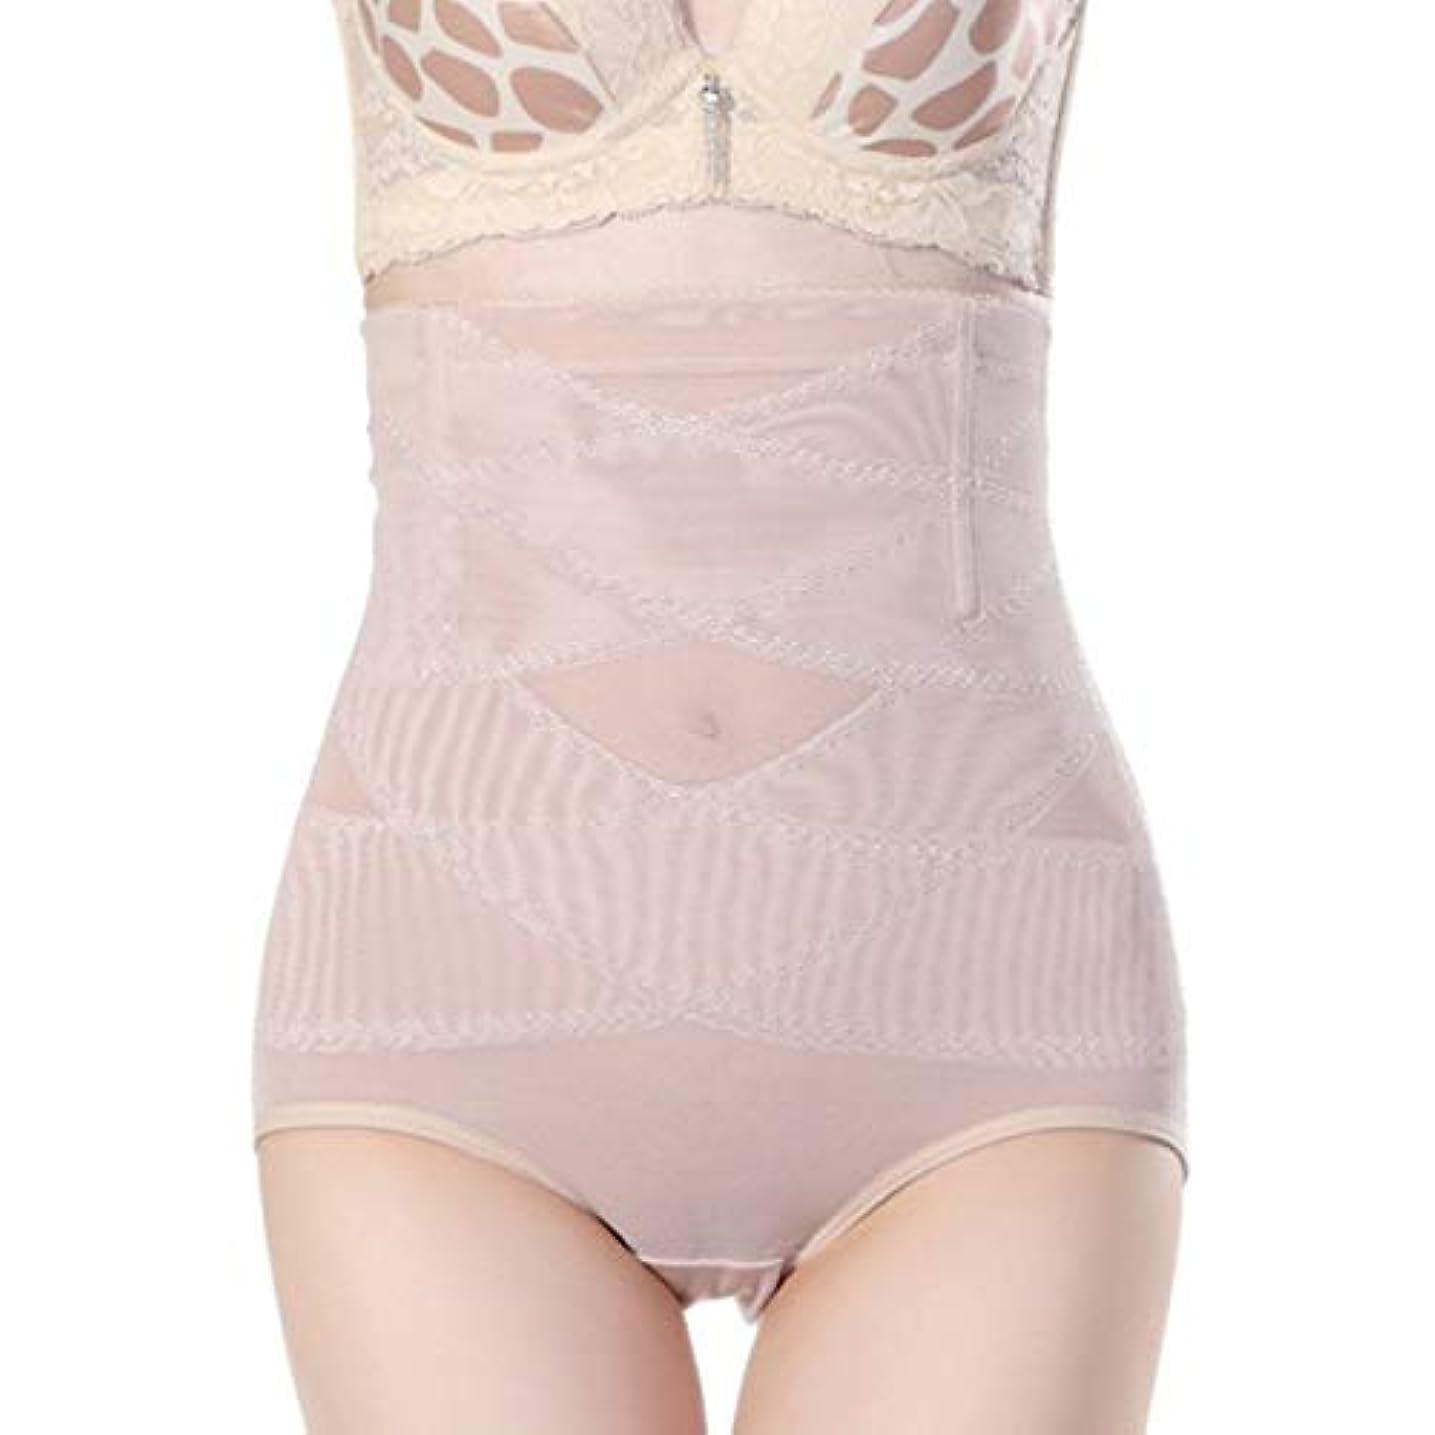 クッション貴重なズームインする腹部制御下着シームレスおなかコントロールパンティーバットリフターボディシェイパーを痩身通気性のハイウエストの女性 - 肌色2 XL